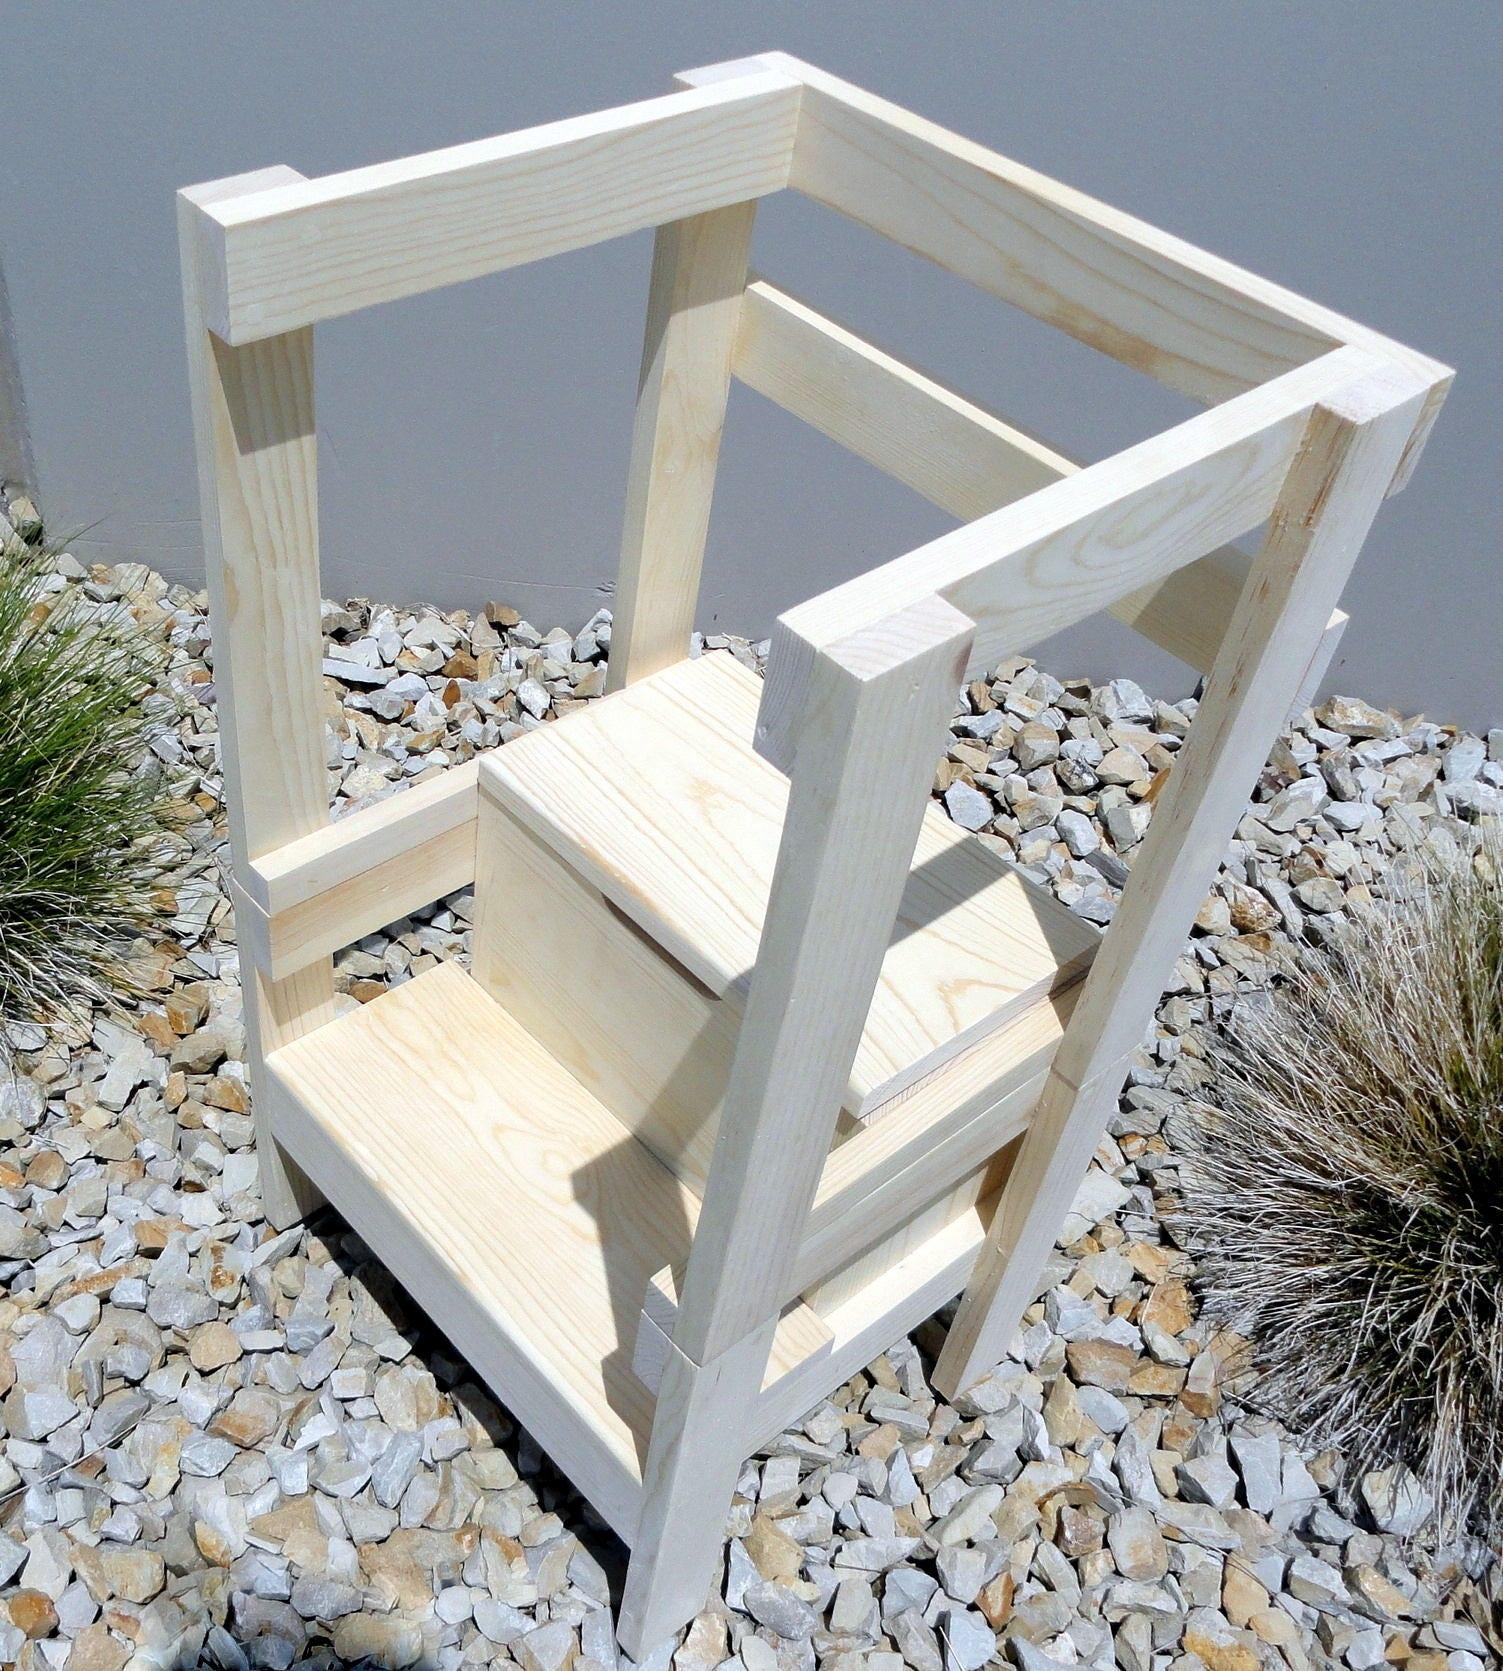 14 toddler storage step stool with side rails. Black Bedroom Furniture Sets. Home Design Ideas